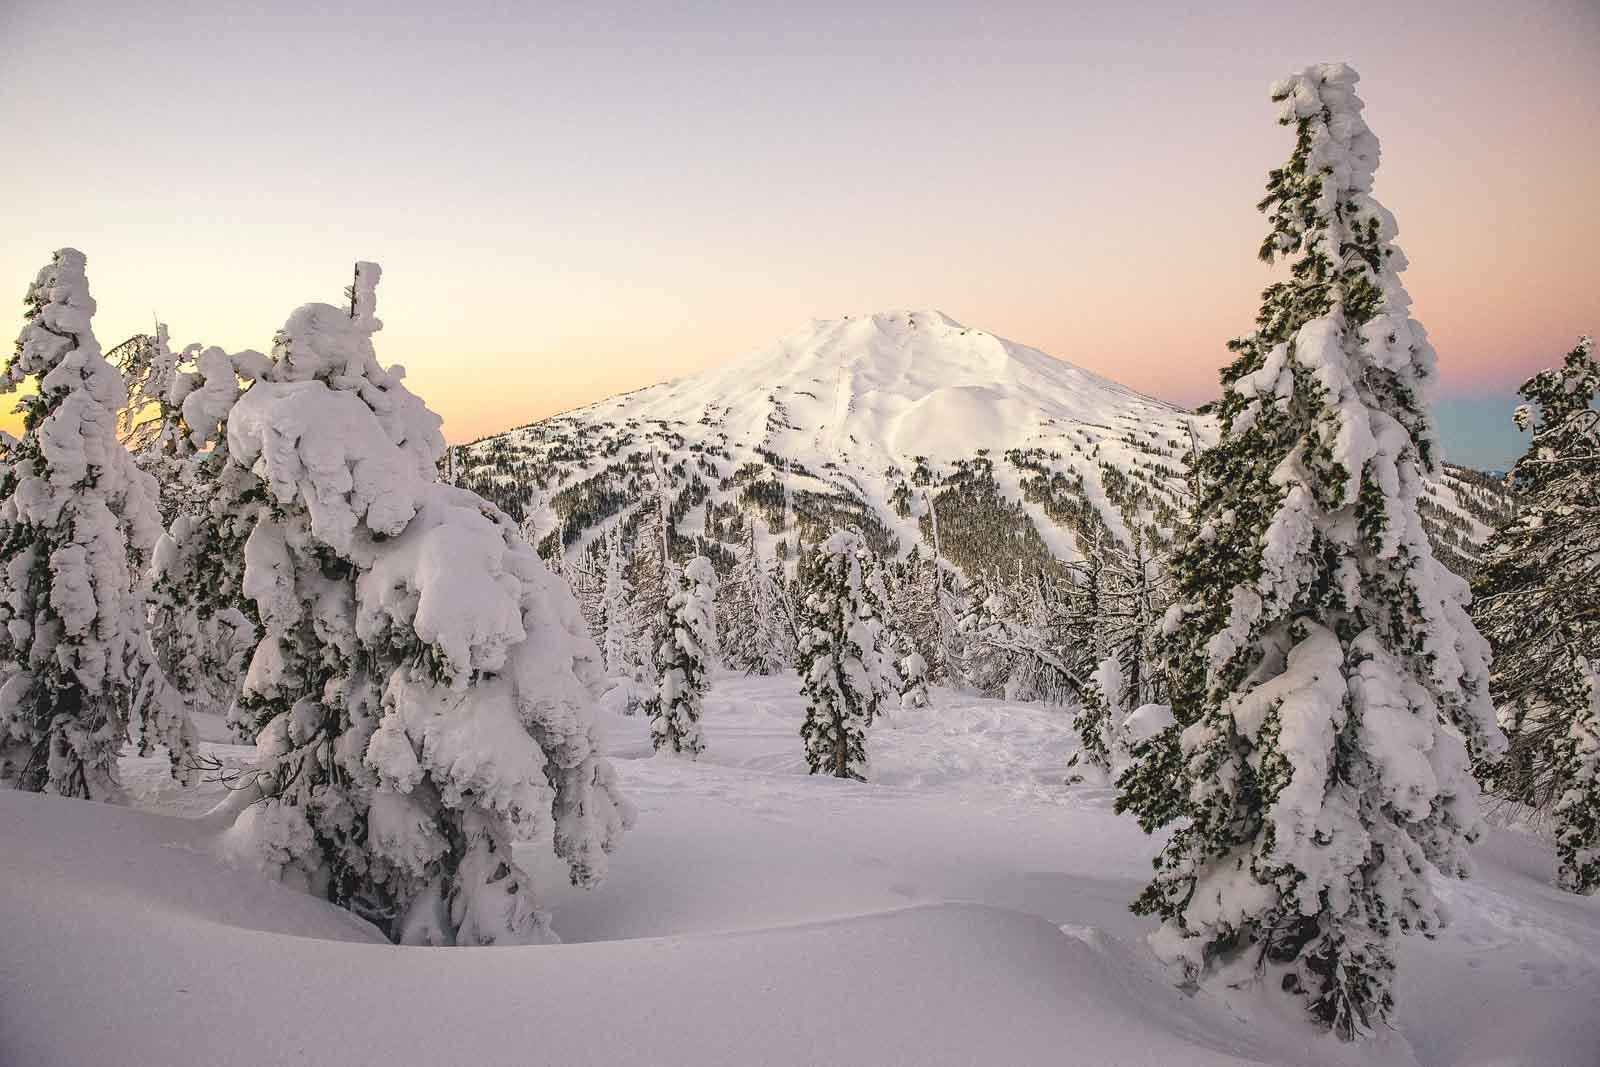 Ski resorts in Oregon